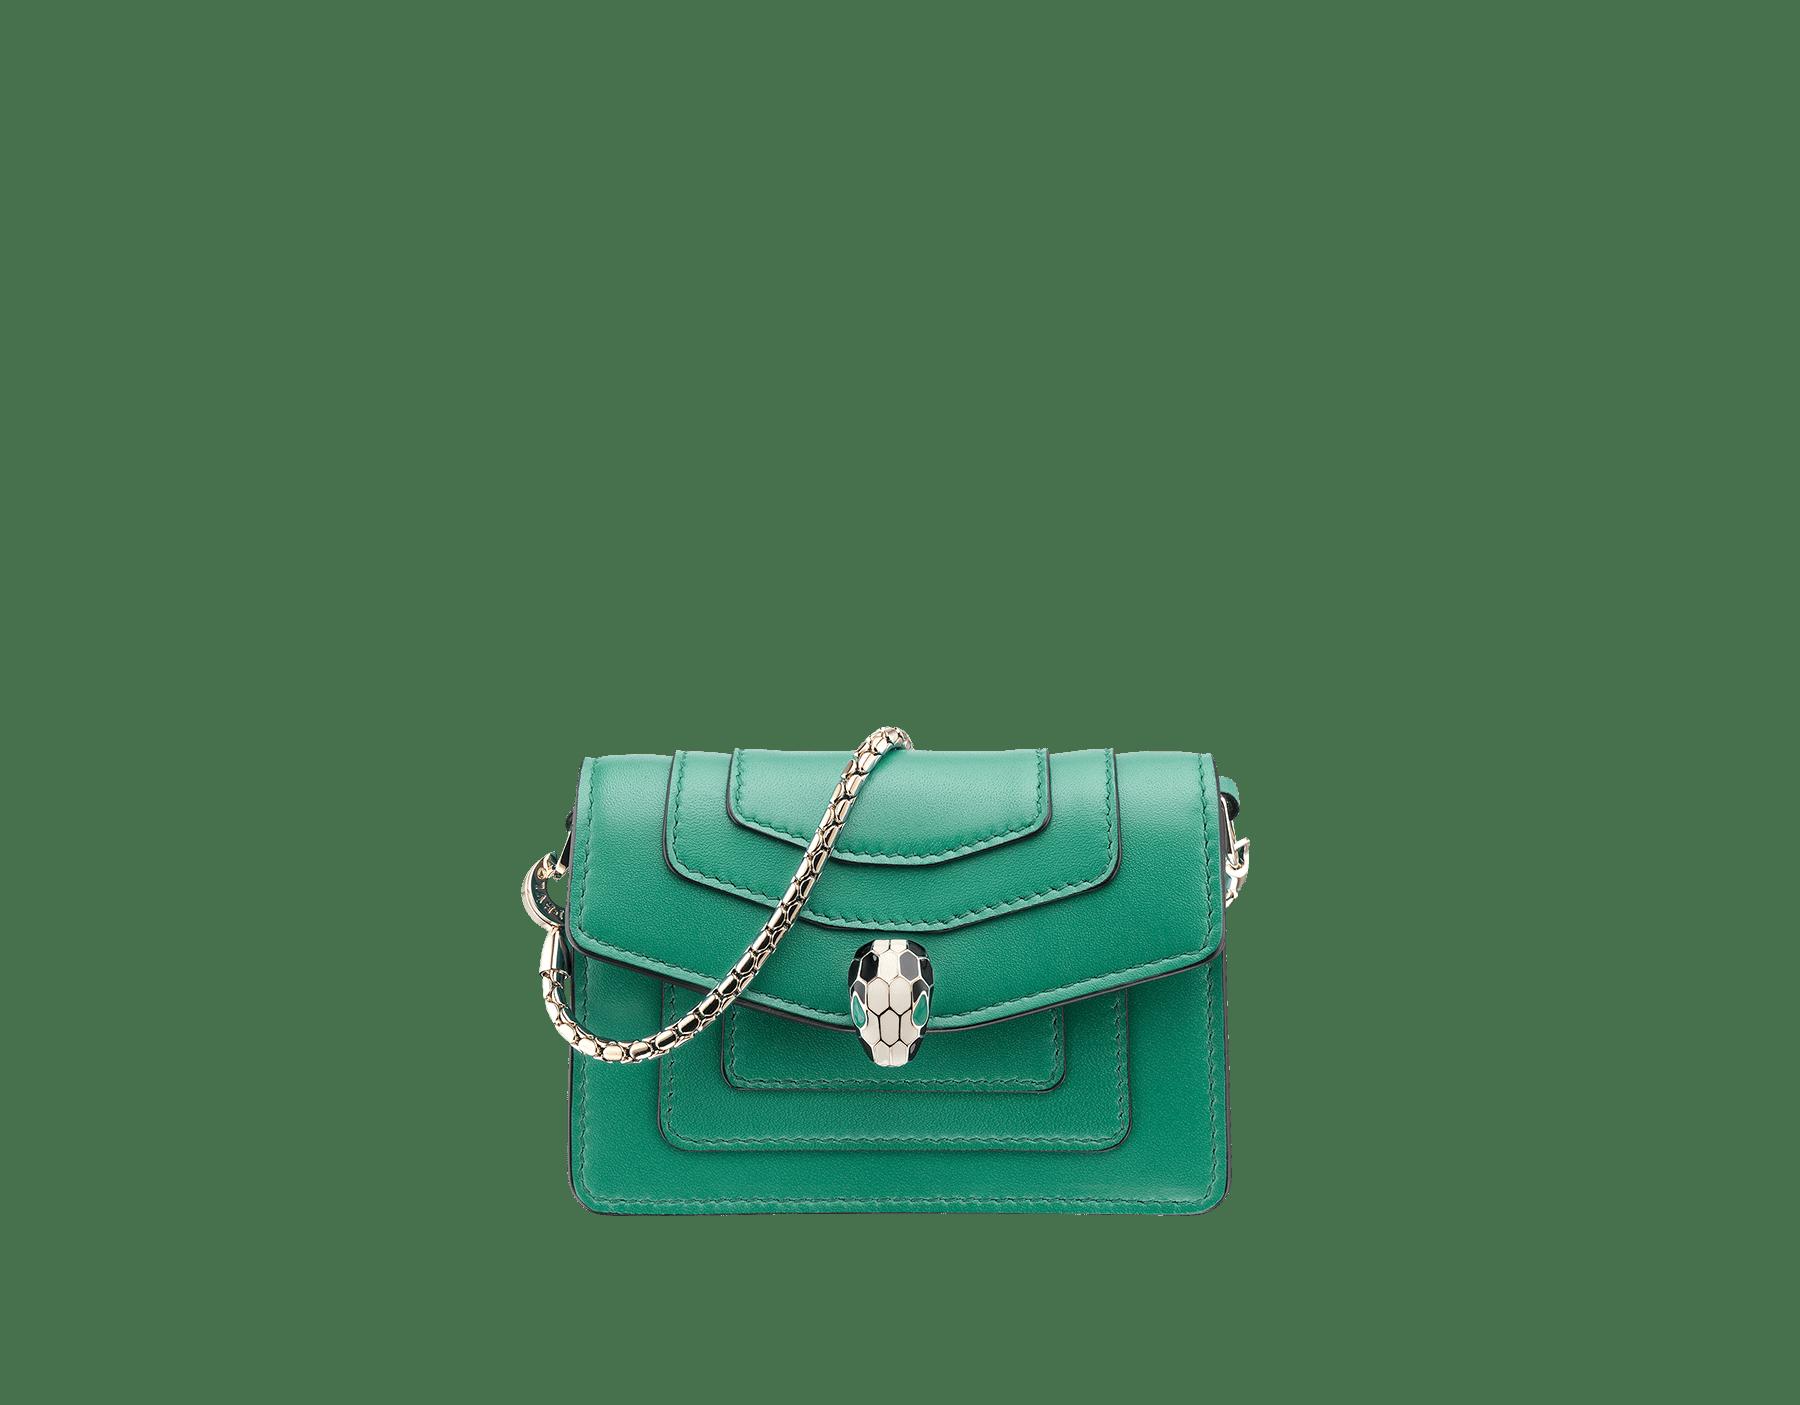 Bijou de sac Serpenti Forever miniature en cuir de veau vert émeraude et doublure en cuir de veau violet améthyste. 283244 image 1